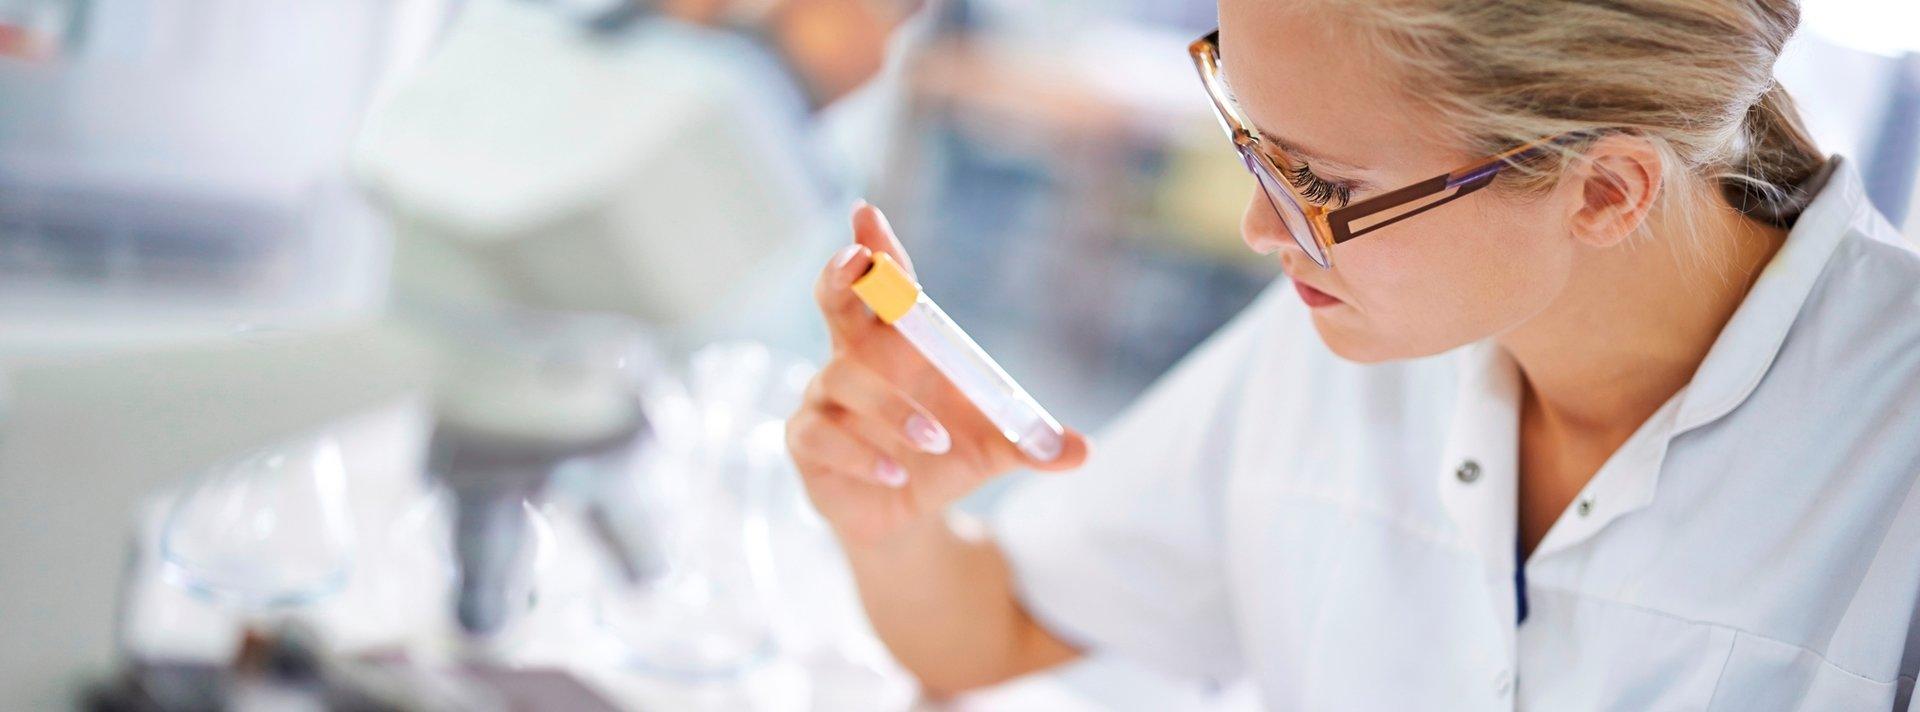 Medicover jako pierwszy w Europie uruchamia pilotażowy projekt mający na celu identyfikację pacjentów zagrożonych rakiem jelita grubego